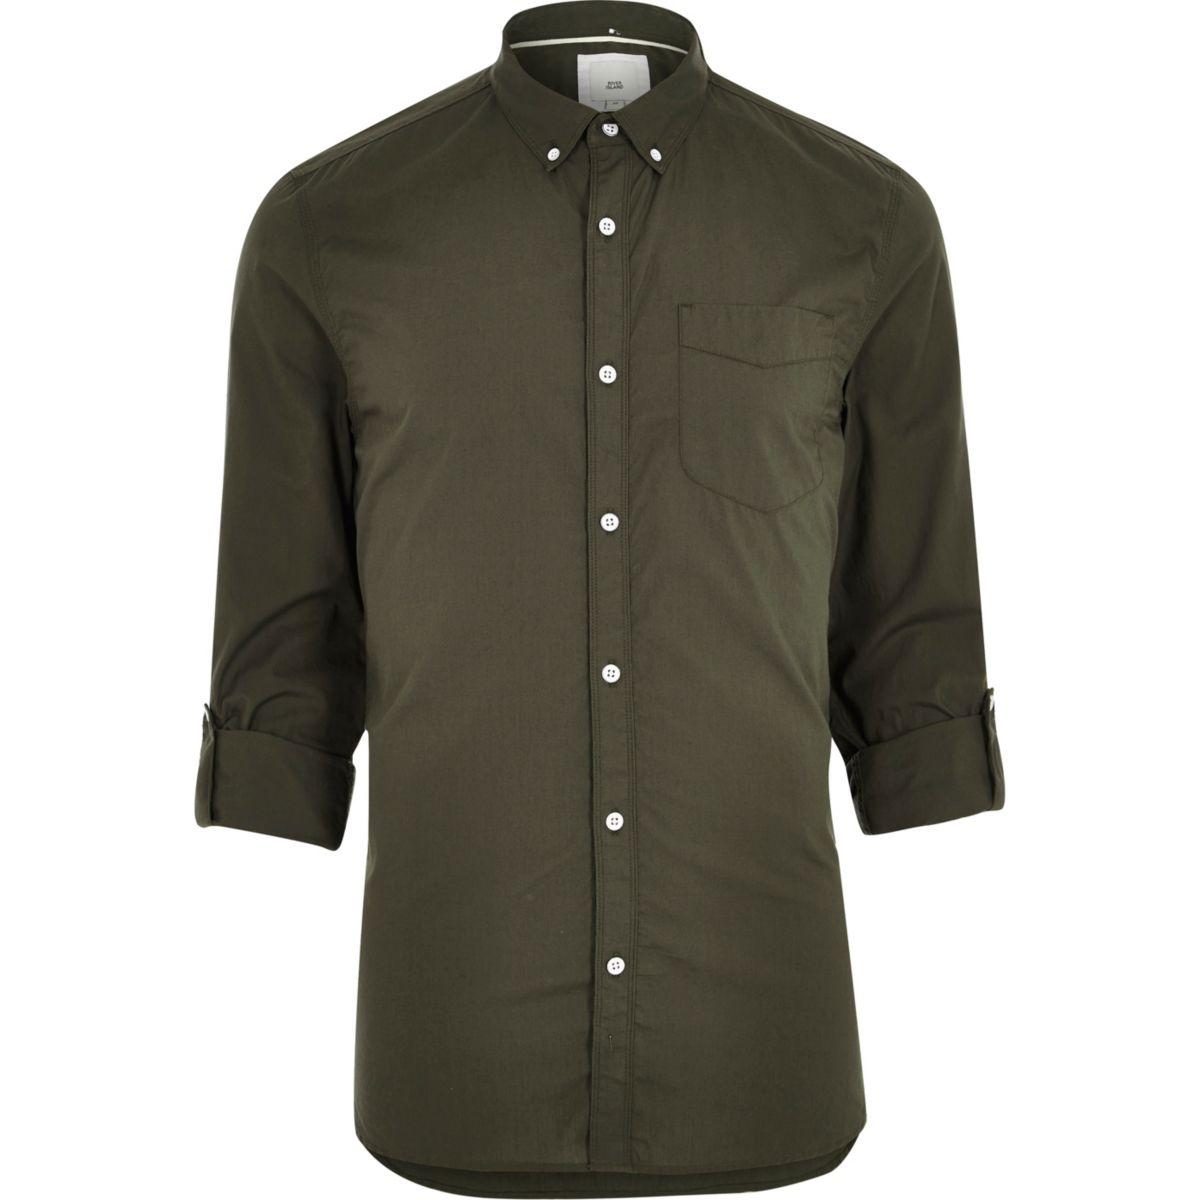 Green long sleeve slim fit summer shirt